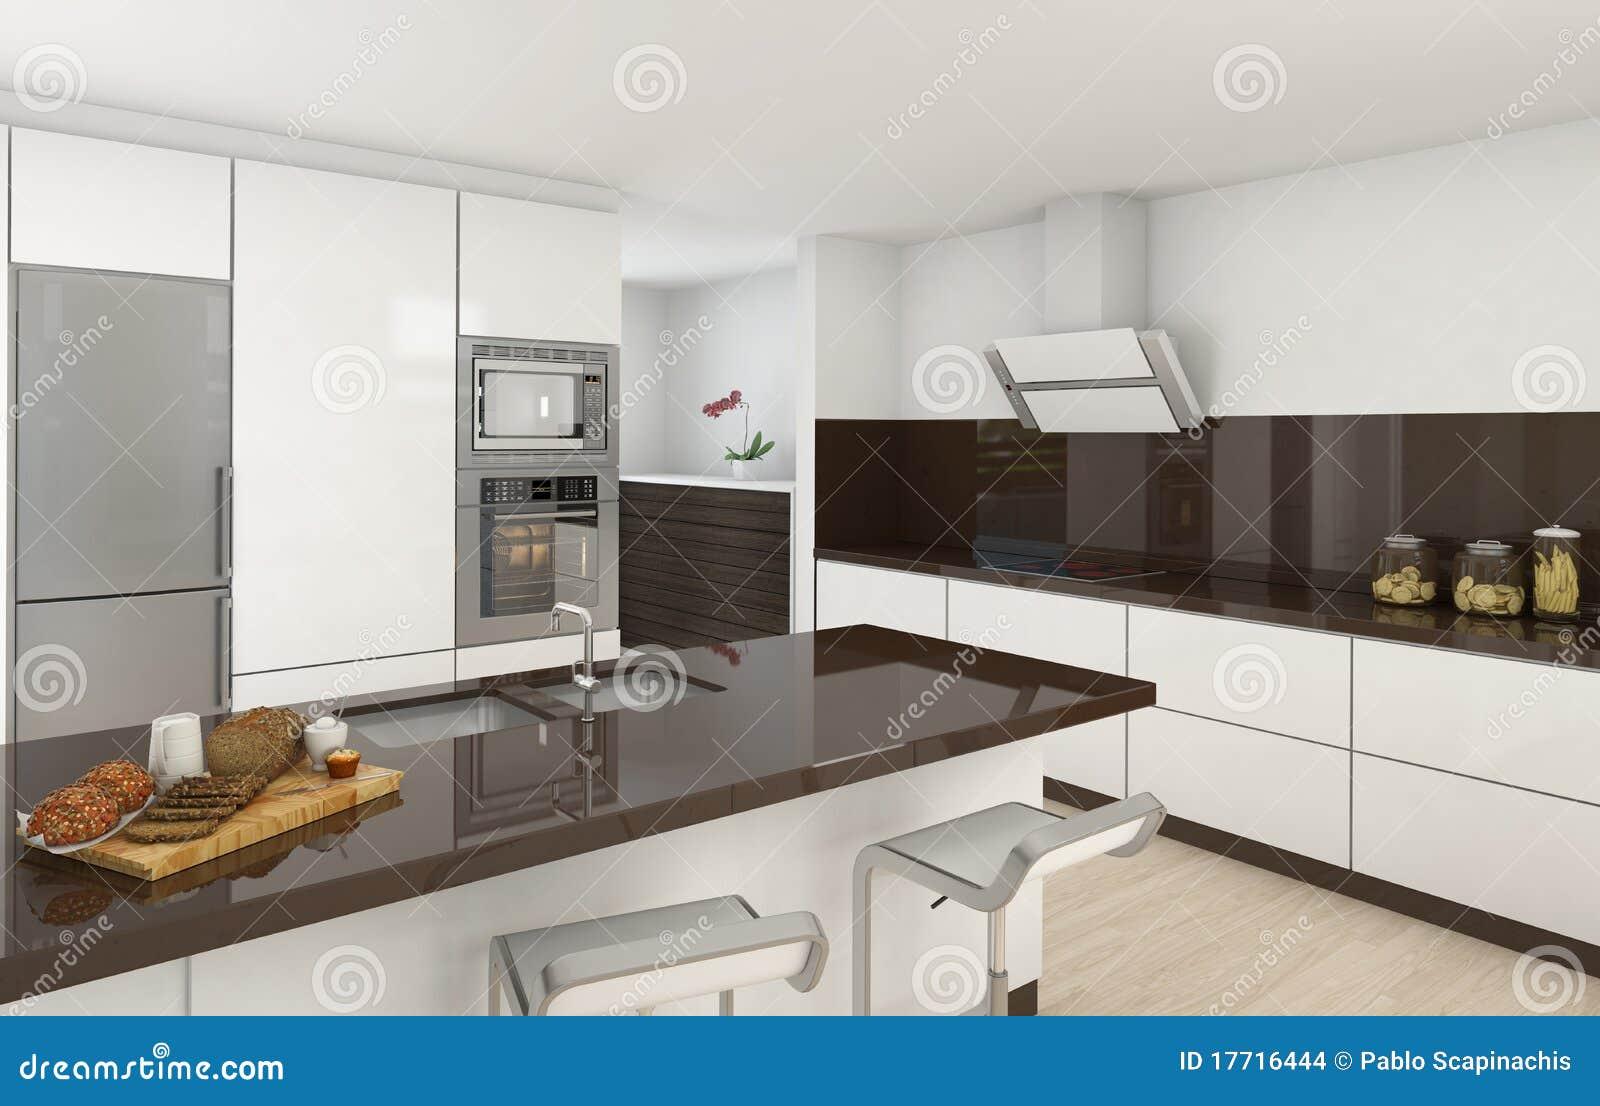 Modern White För Brunt Kök Arkivbilder - Bild: 17716444